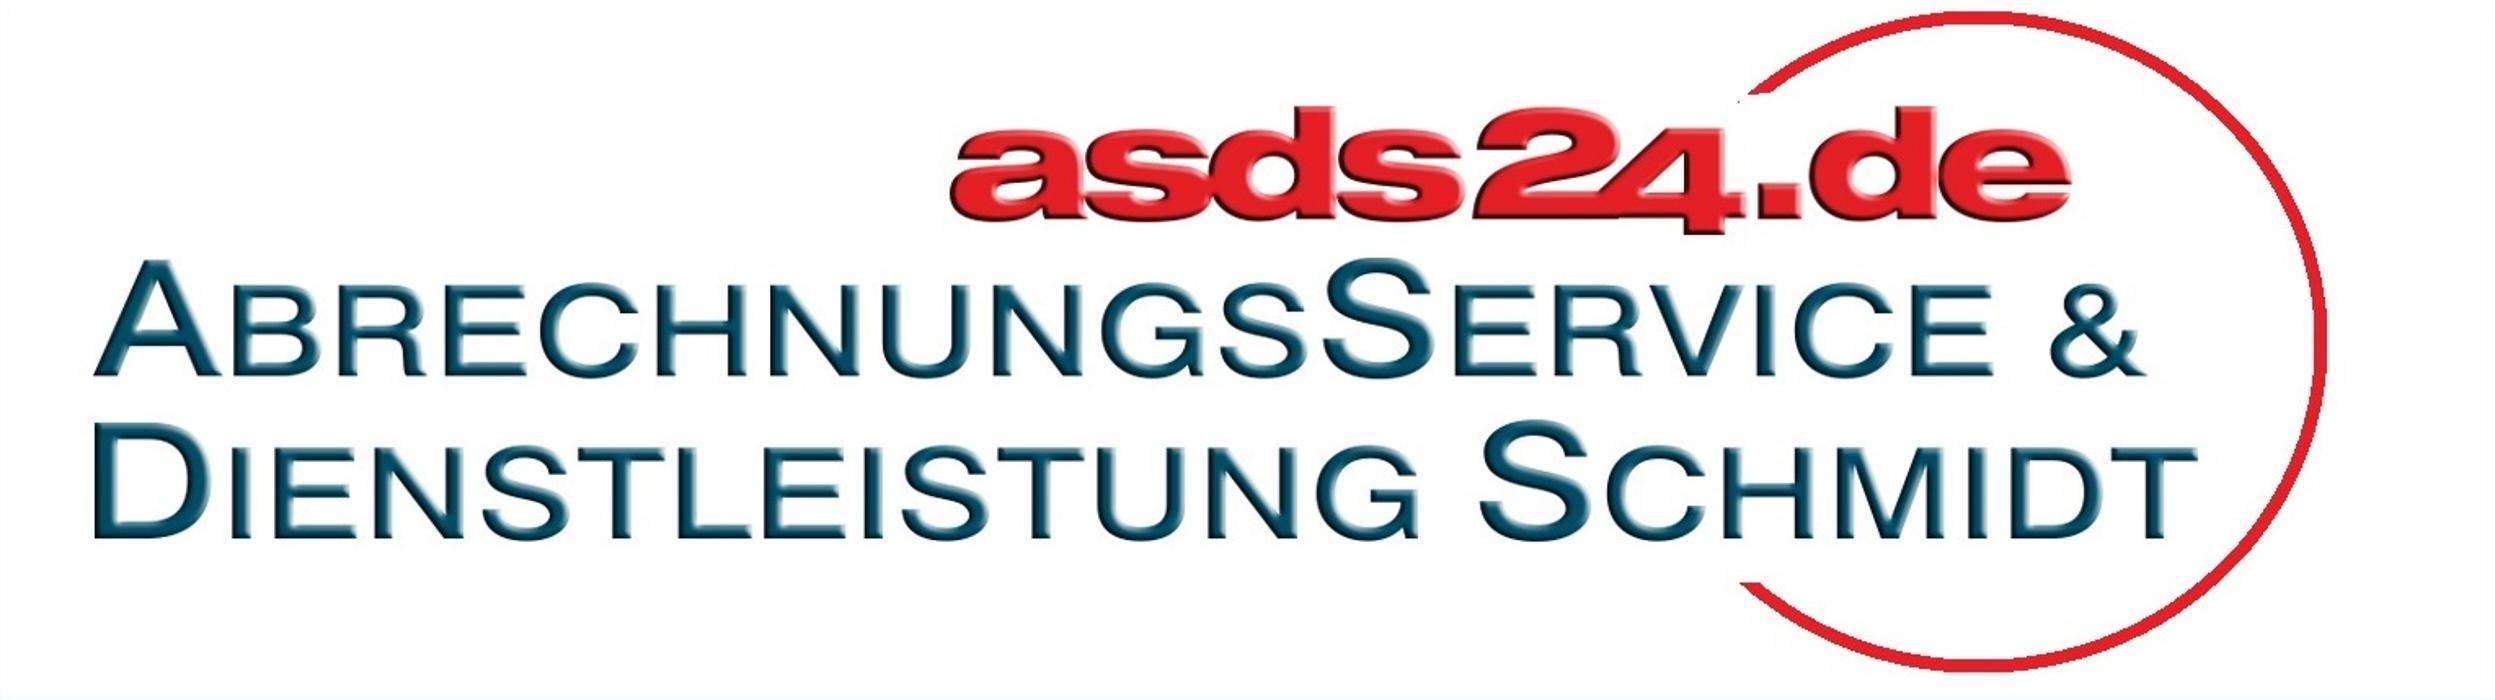 Bild zu Abrechnungsservice & Dienstleistungen Schmidt in Erfurt